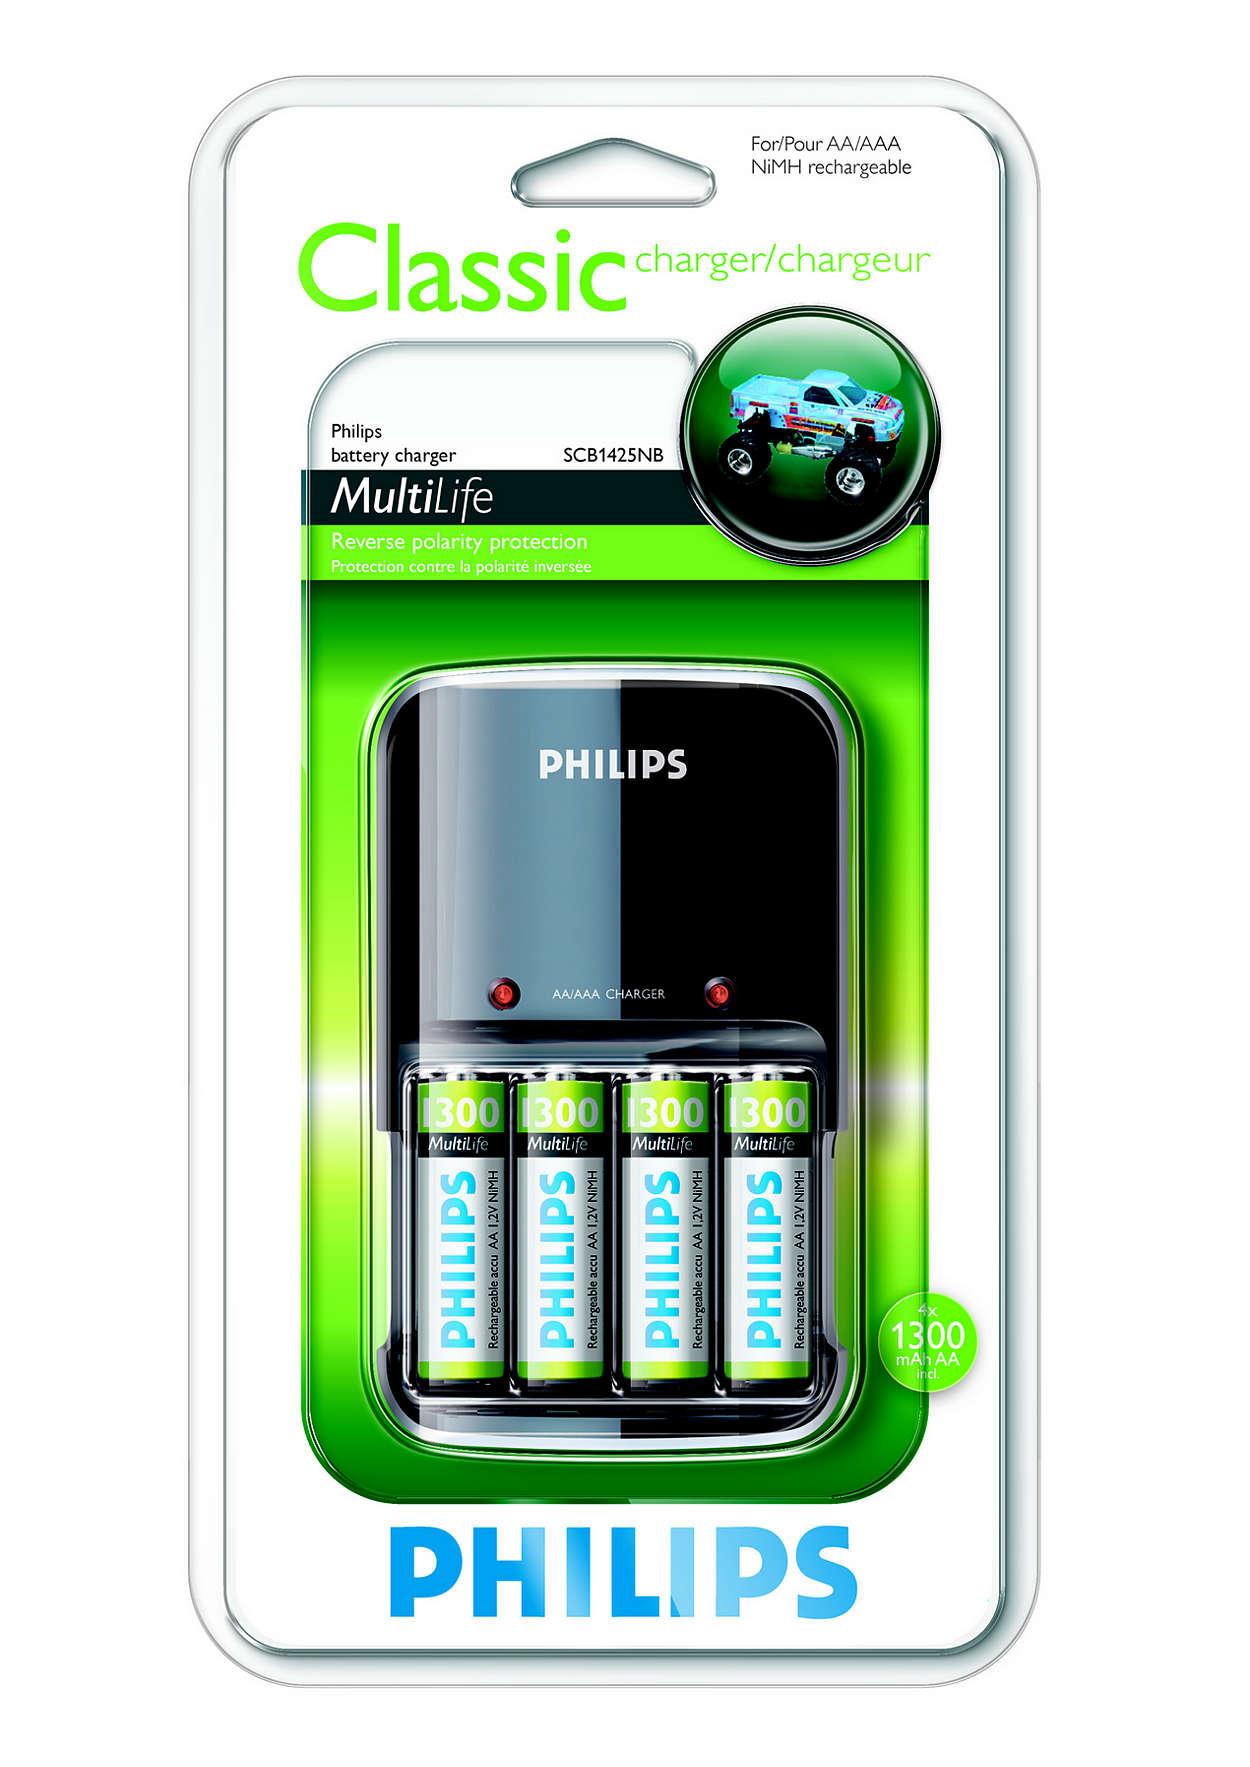 Plne nabije vaše batérie za jednu noc